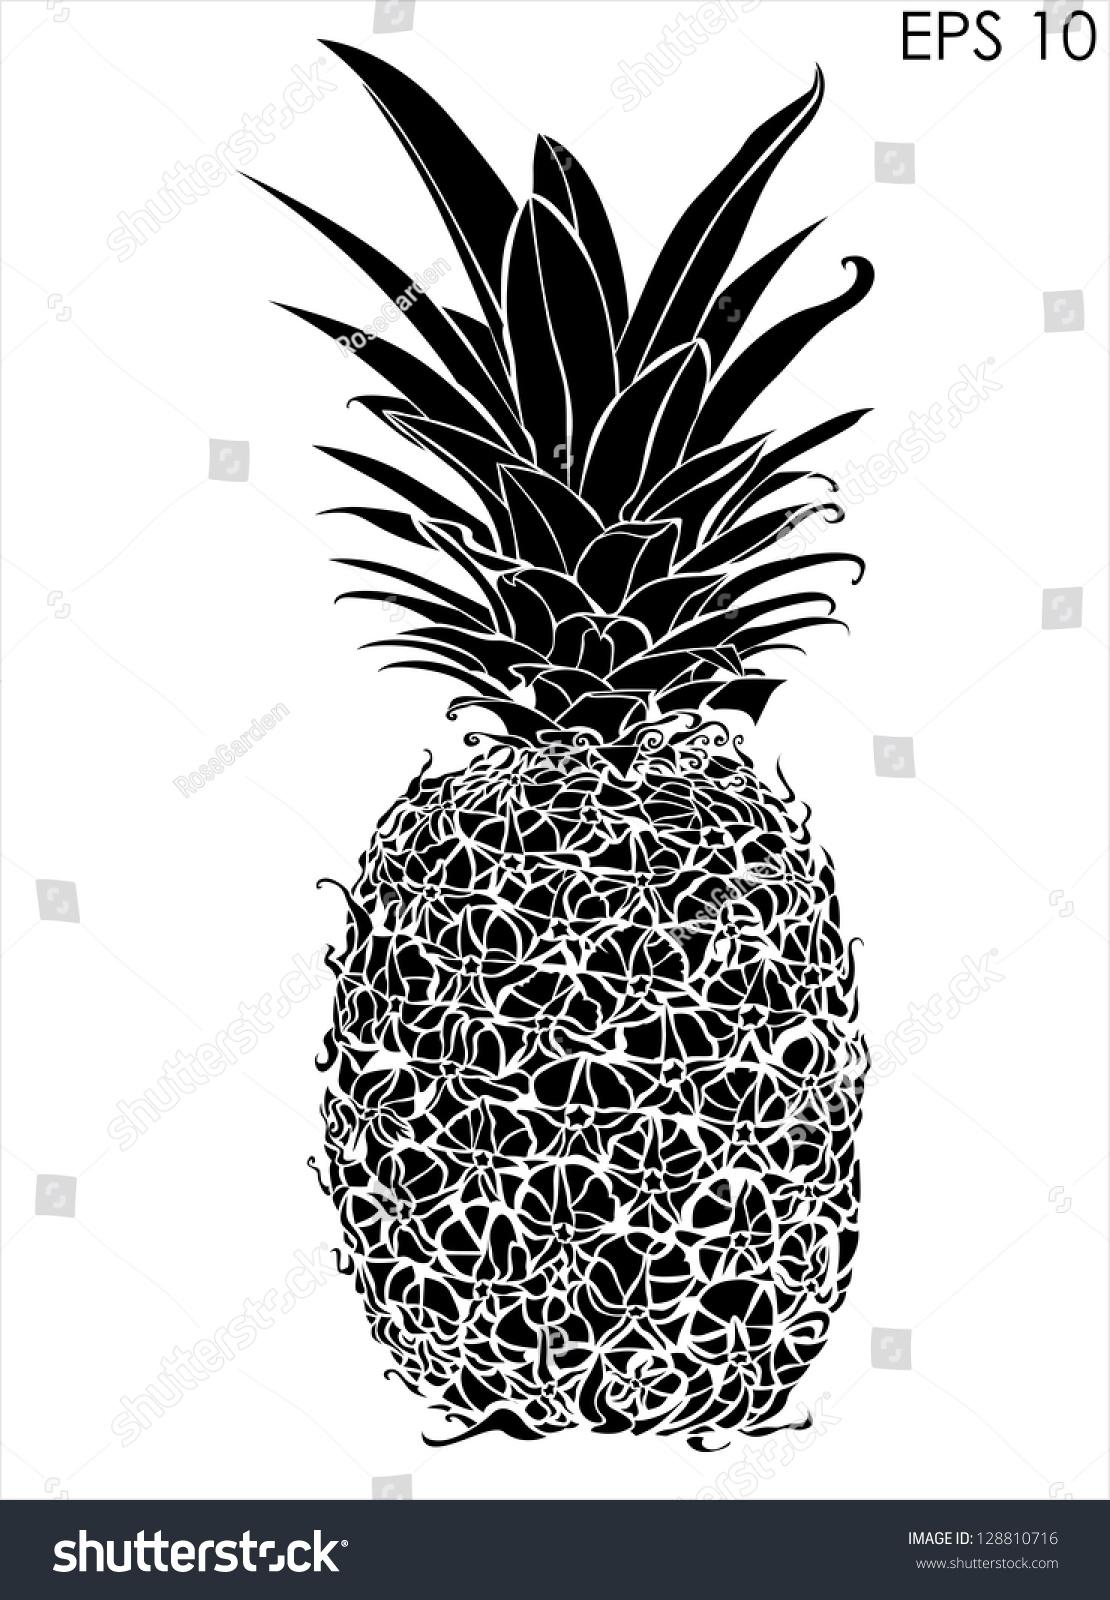 Design Black And White Design pineapple black white design stock vector 128810716 shutterstock and design